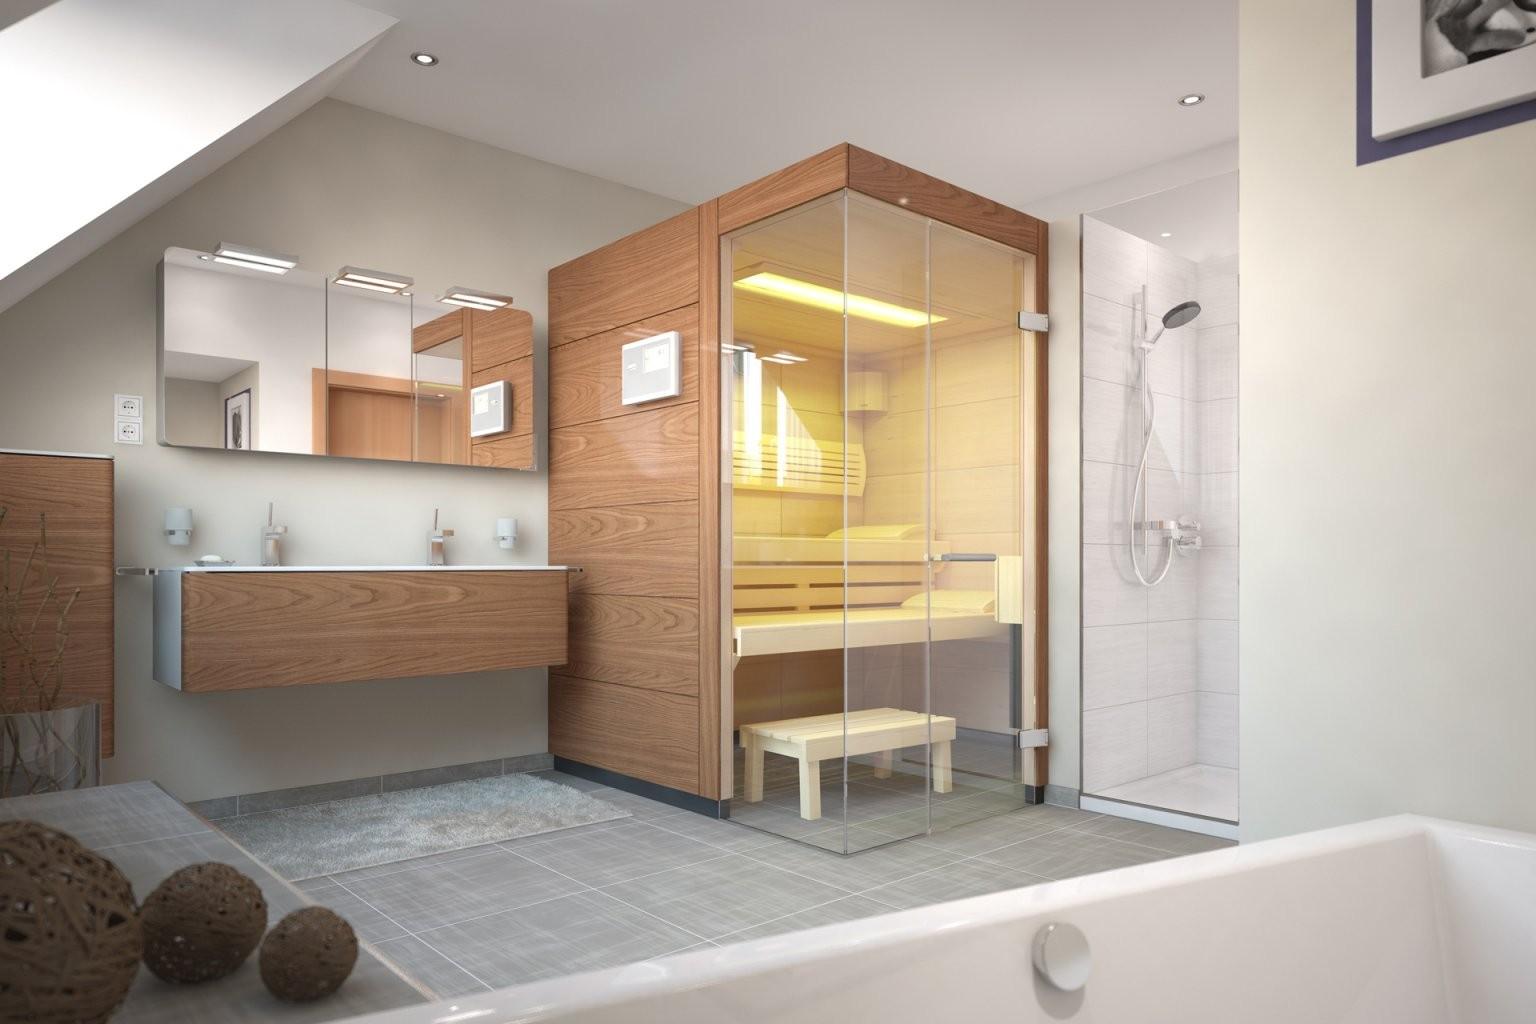 Wertvolle Tipps Für Den Einbau Einer Sauna – Klafs von Sauna Im Keller Einbauen Photo